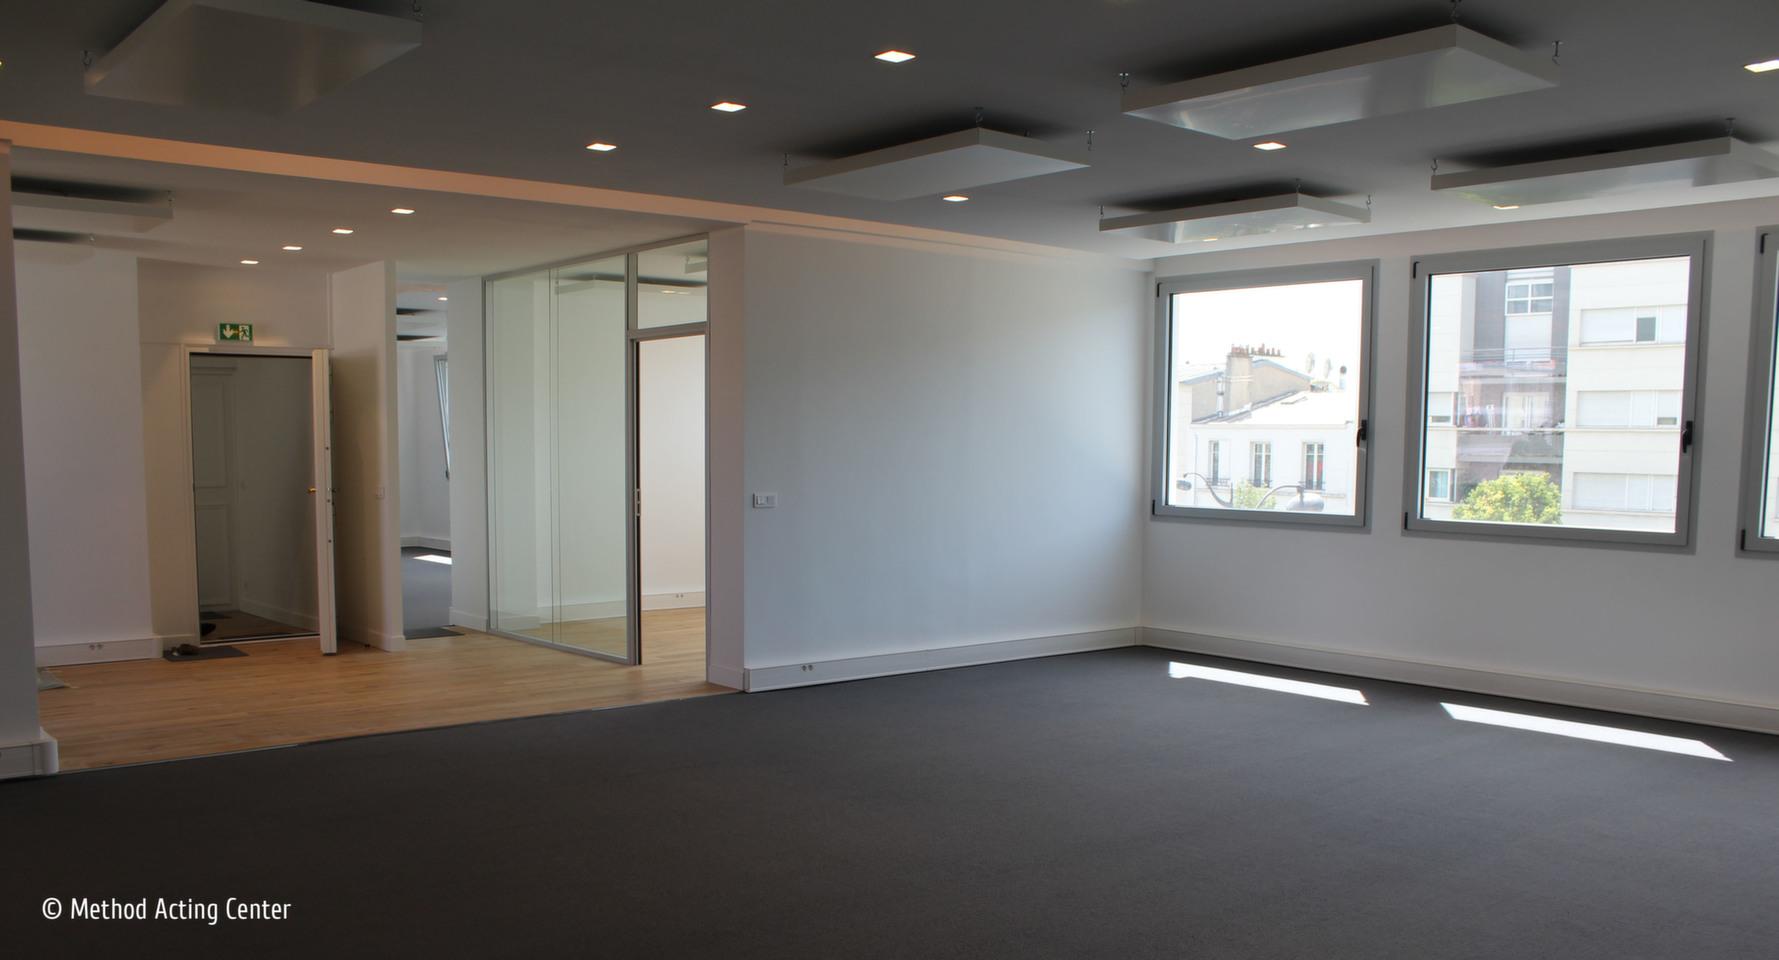 Location Salle Répétition / Casting à PARIS 13e<br /><br />À proximité de la place d'Italie, à louer pour vos répétitions et castings : deux salles lumineuses et spacieuses de 80m2 et 55 m2, murs blancs, double exposition, accessoires de jeu.<br /><br />Locations ponctuelles ou hebdomadaires, à définir selon vos besoins et notre planning.<br /><br />Tarif répétition : 12€ pour la salle Stan 55m2, 15€ pour la salle Sergava 80m2<br />Tarif casting ou tournage : 15€ pour la salle Stan 55m2, 20€ pour la salle Sergava 80m2<br /><br />Métro Tolbiac ligne 7, ou Place d'Italie lignes 5, 6, 7<br /><br />CONTACT<br />https://www.methodacting.fr/<br />contact@methodacting.fr<br />06 07 41 41 25